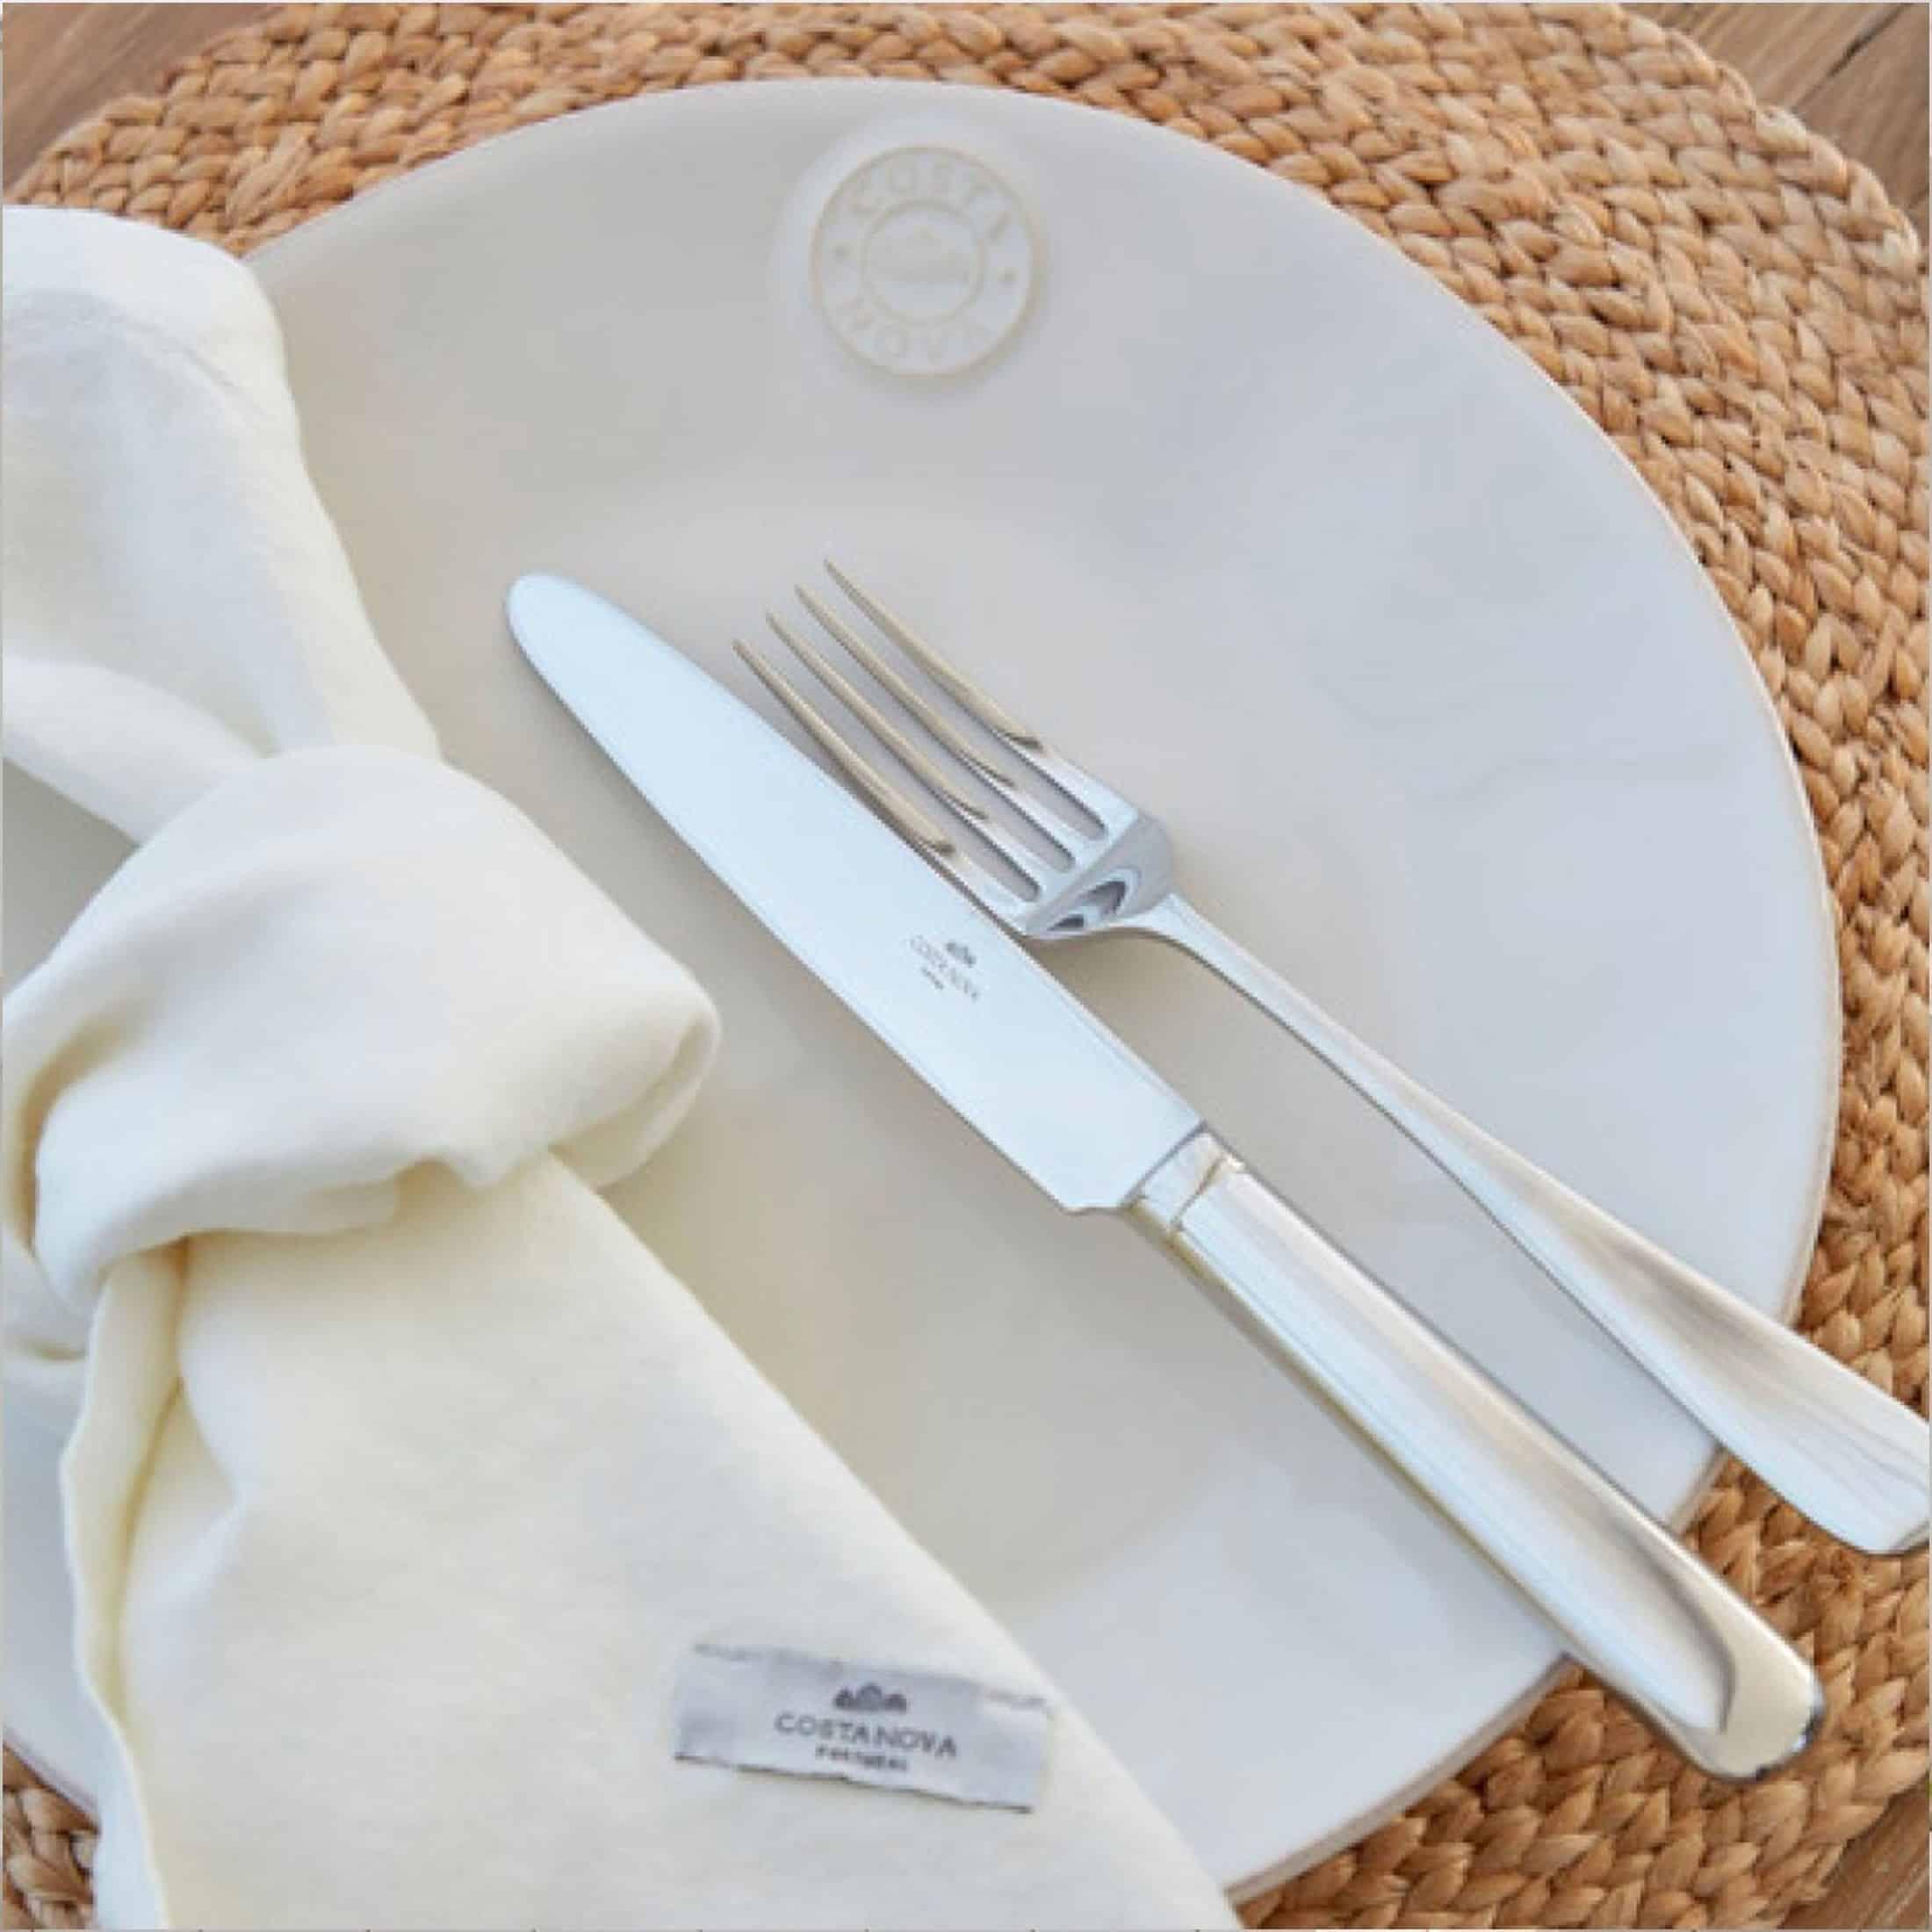 Speiseteller aus Steingut in Weiß, super pflegeleicht im Alltag. Entdecke das hochwertige Geschirr von der Marke Costa Nova aus Portugal